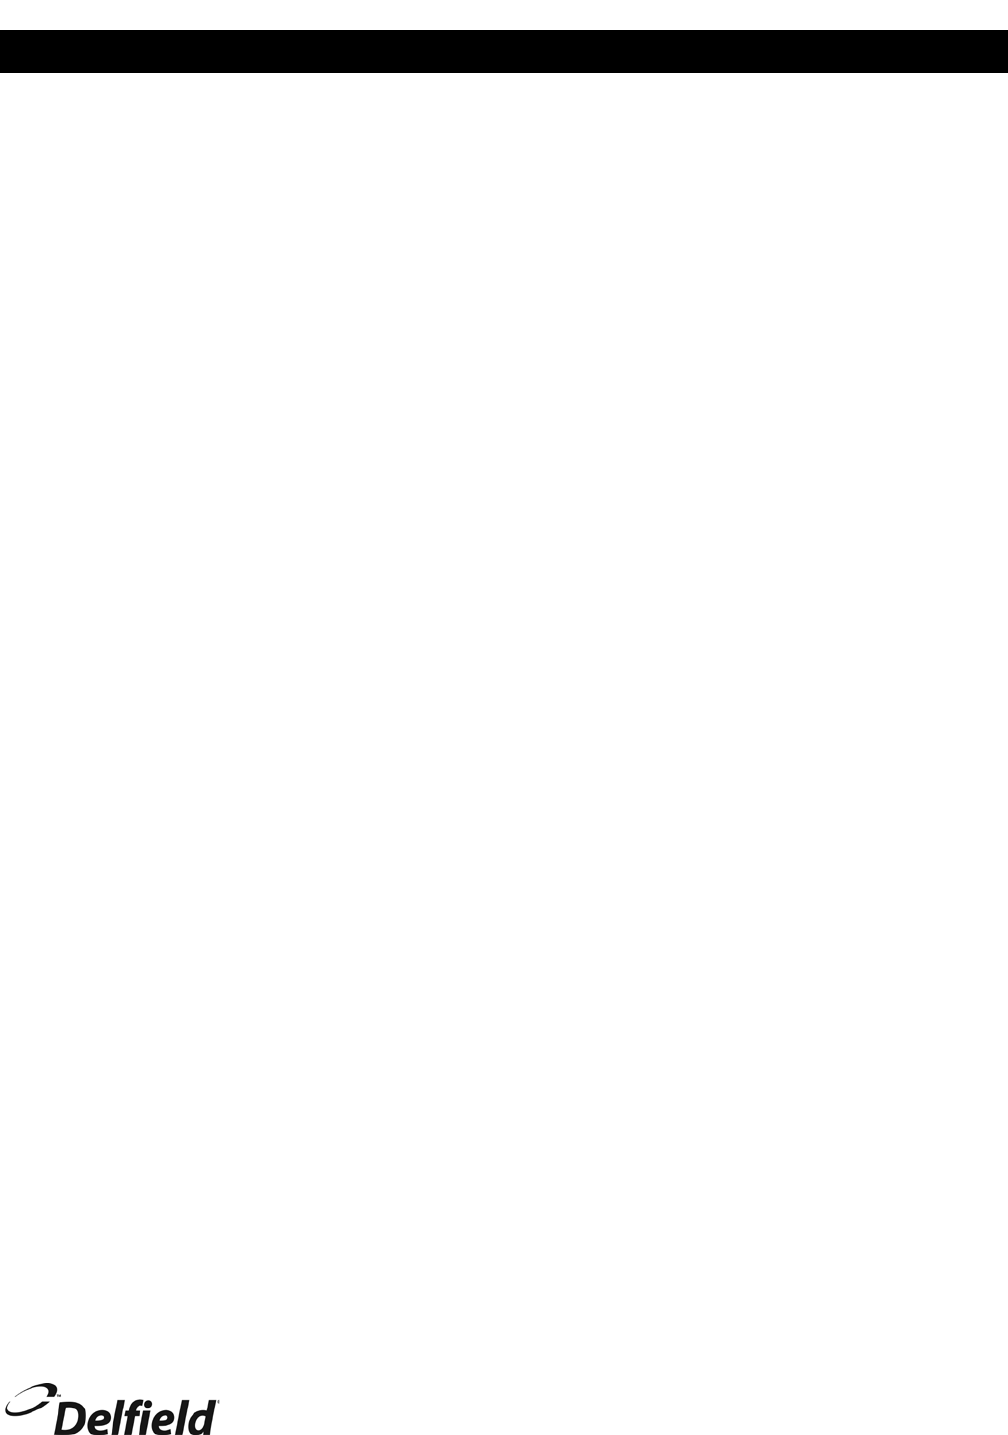 [DIAGRAM_5UK]  879C8D1 Delfield Freezer Wiring Diagram Mini   Wiring Library   Delfield Freezer Wiring Diagram Mini      Wiring Library